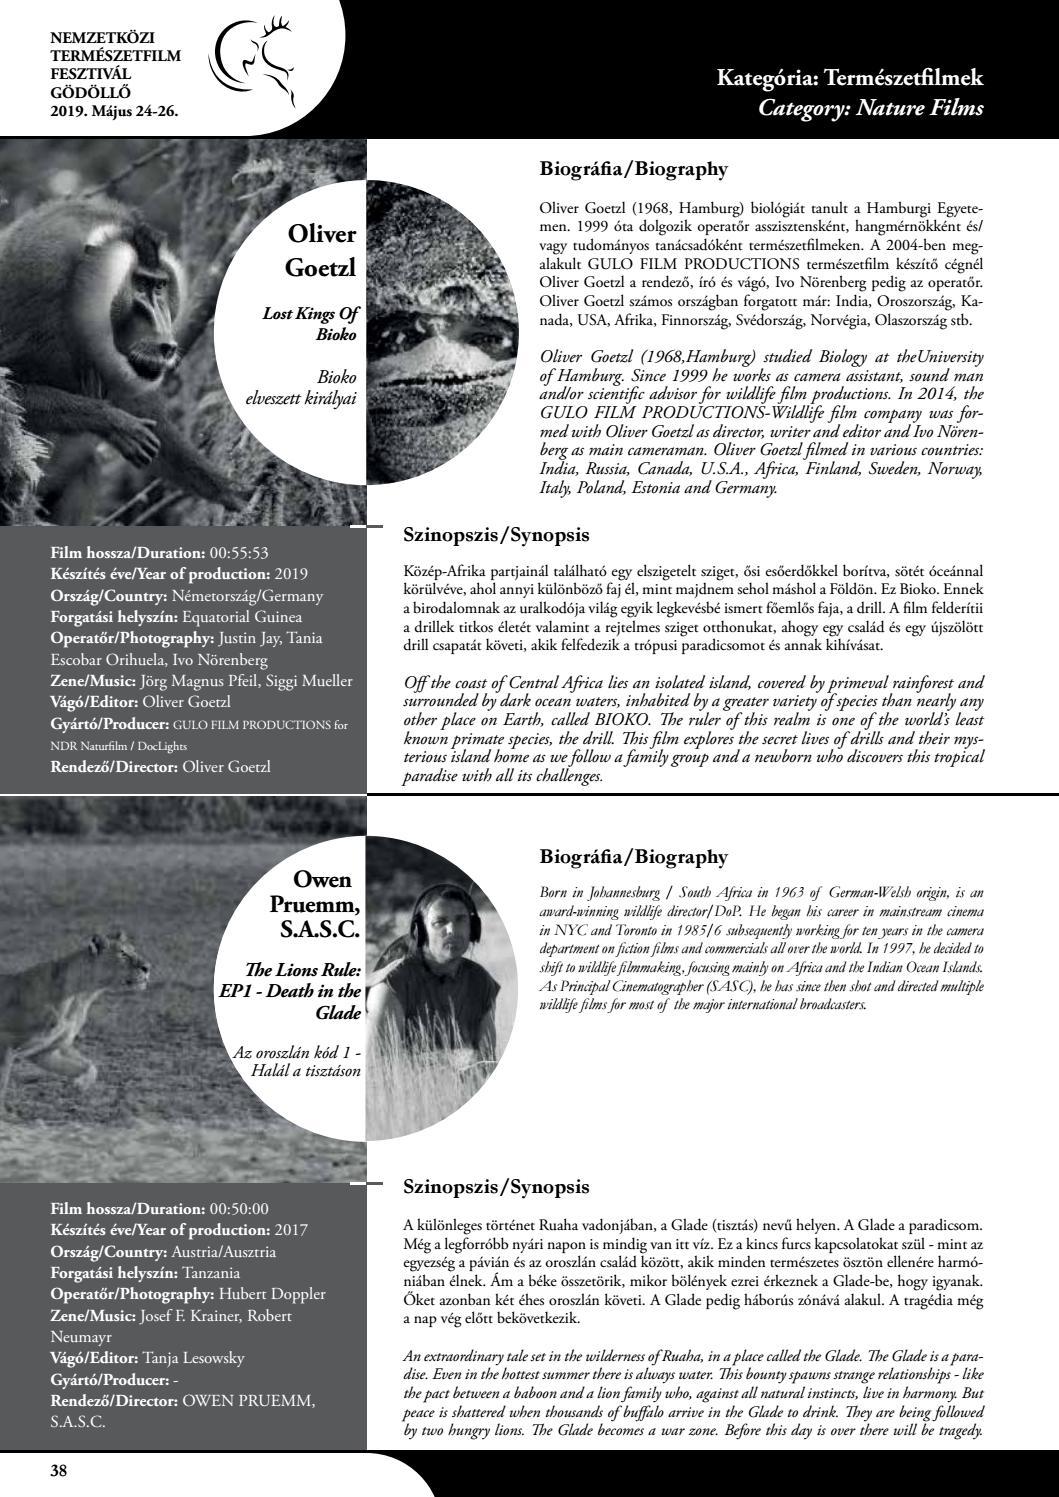 helminták, akik felfedezték